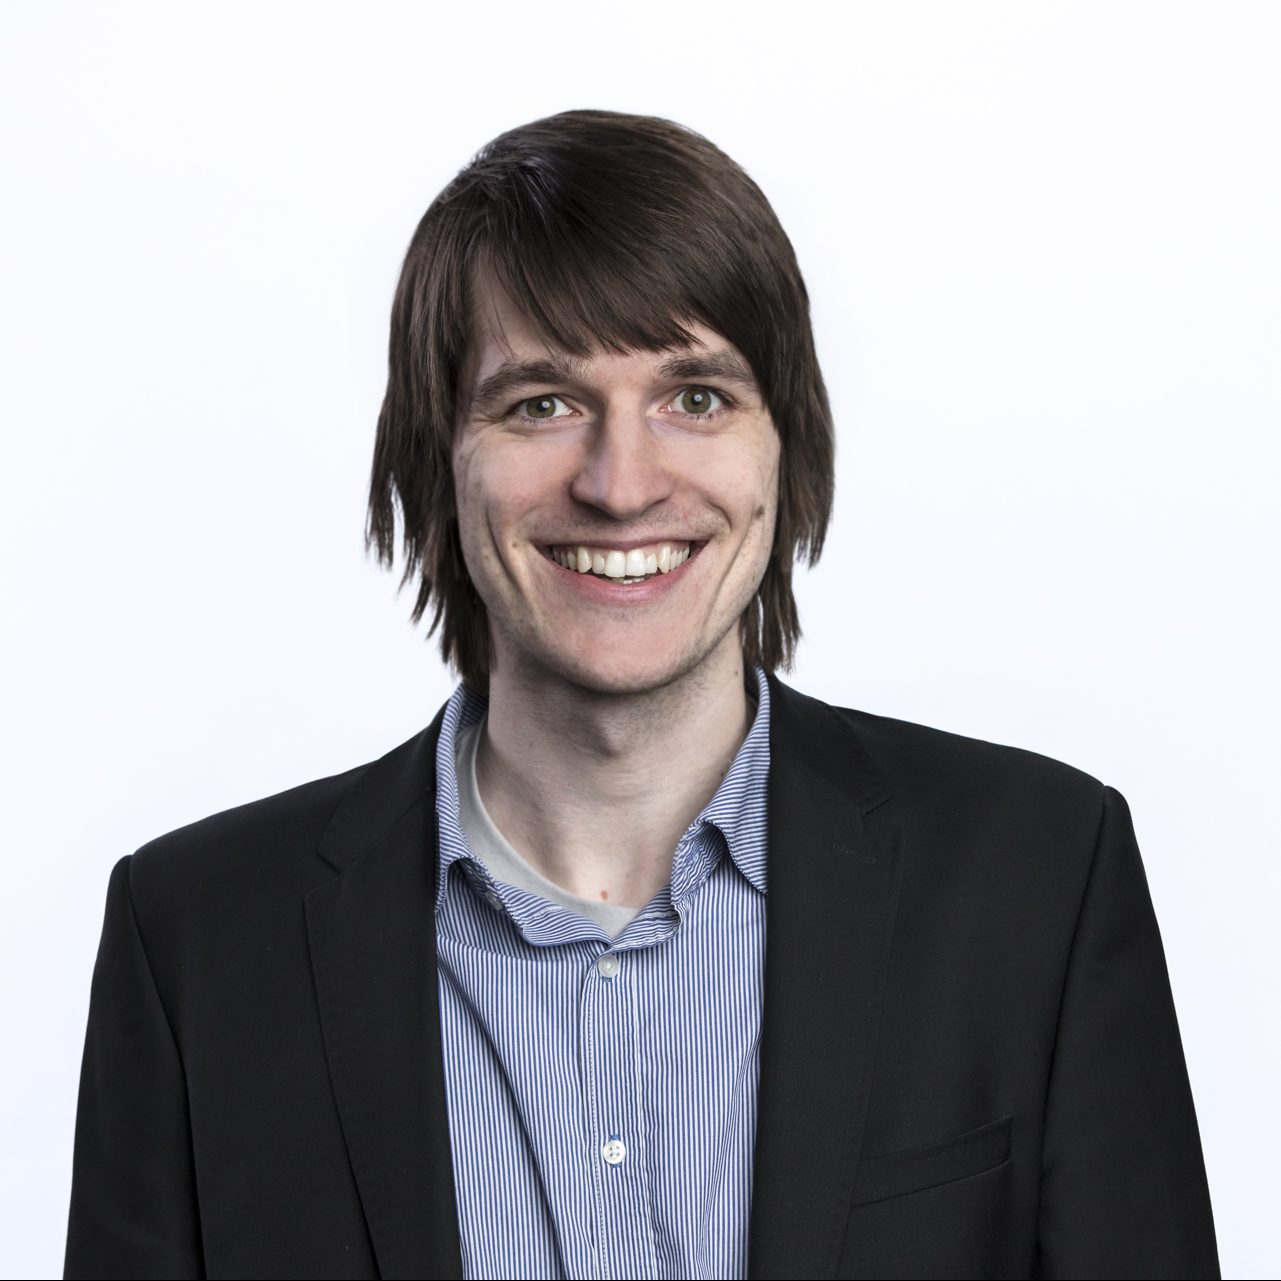 Daniel Zsebedits